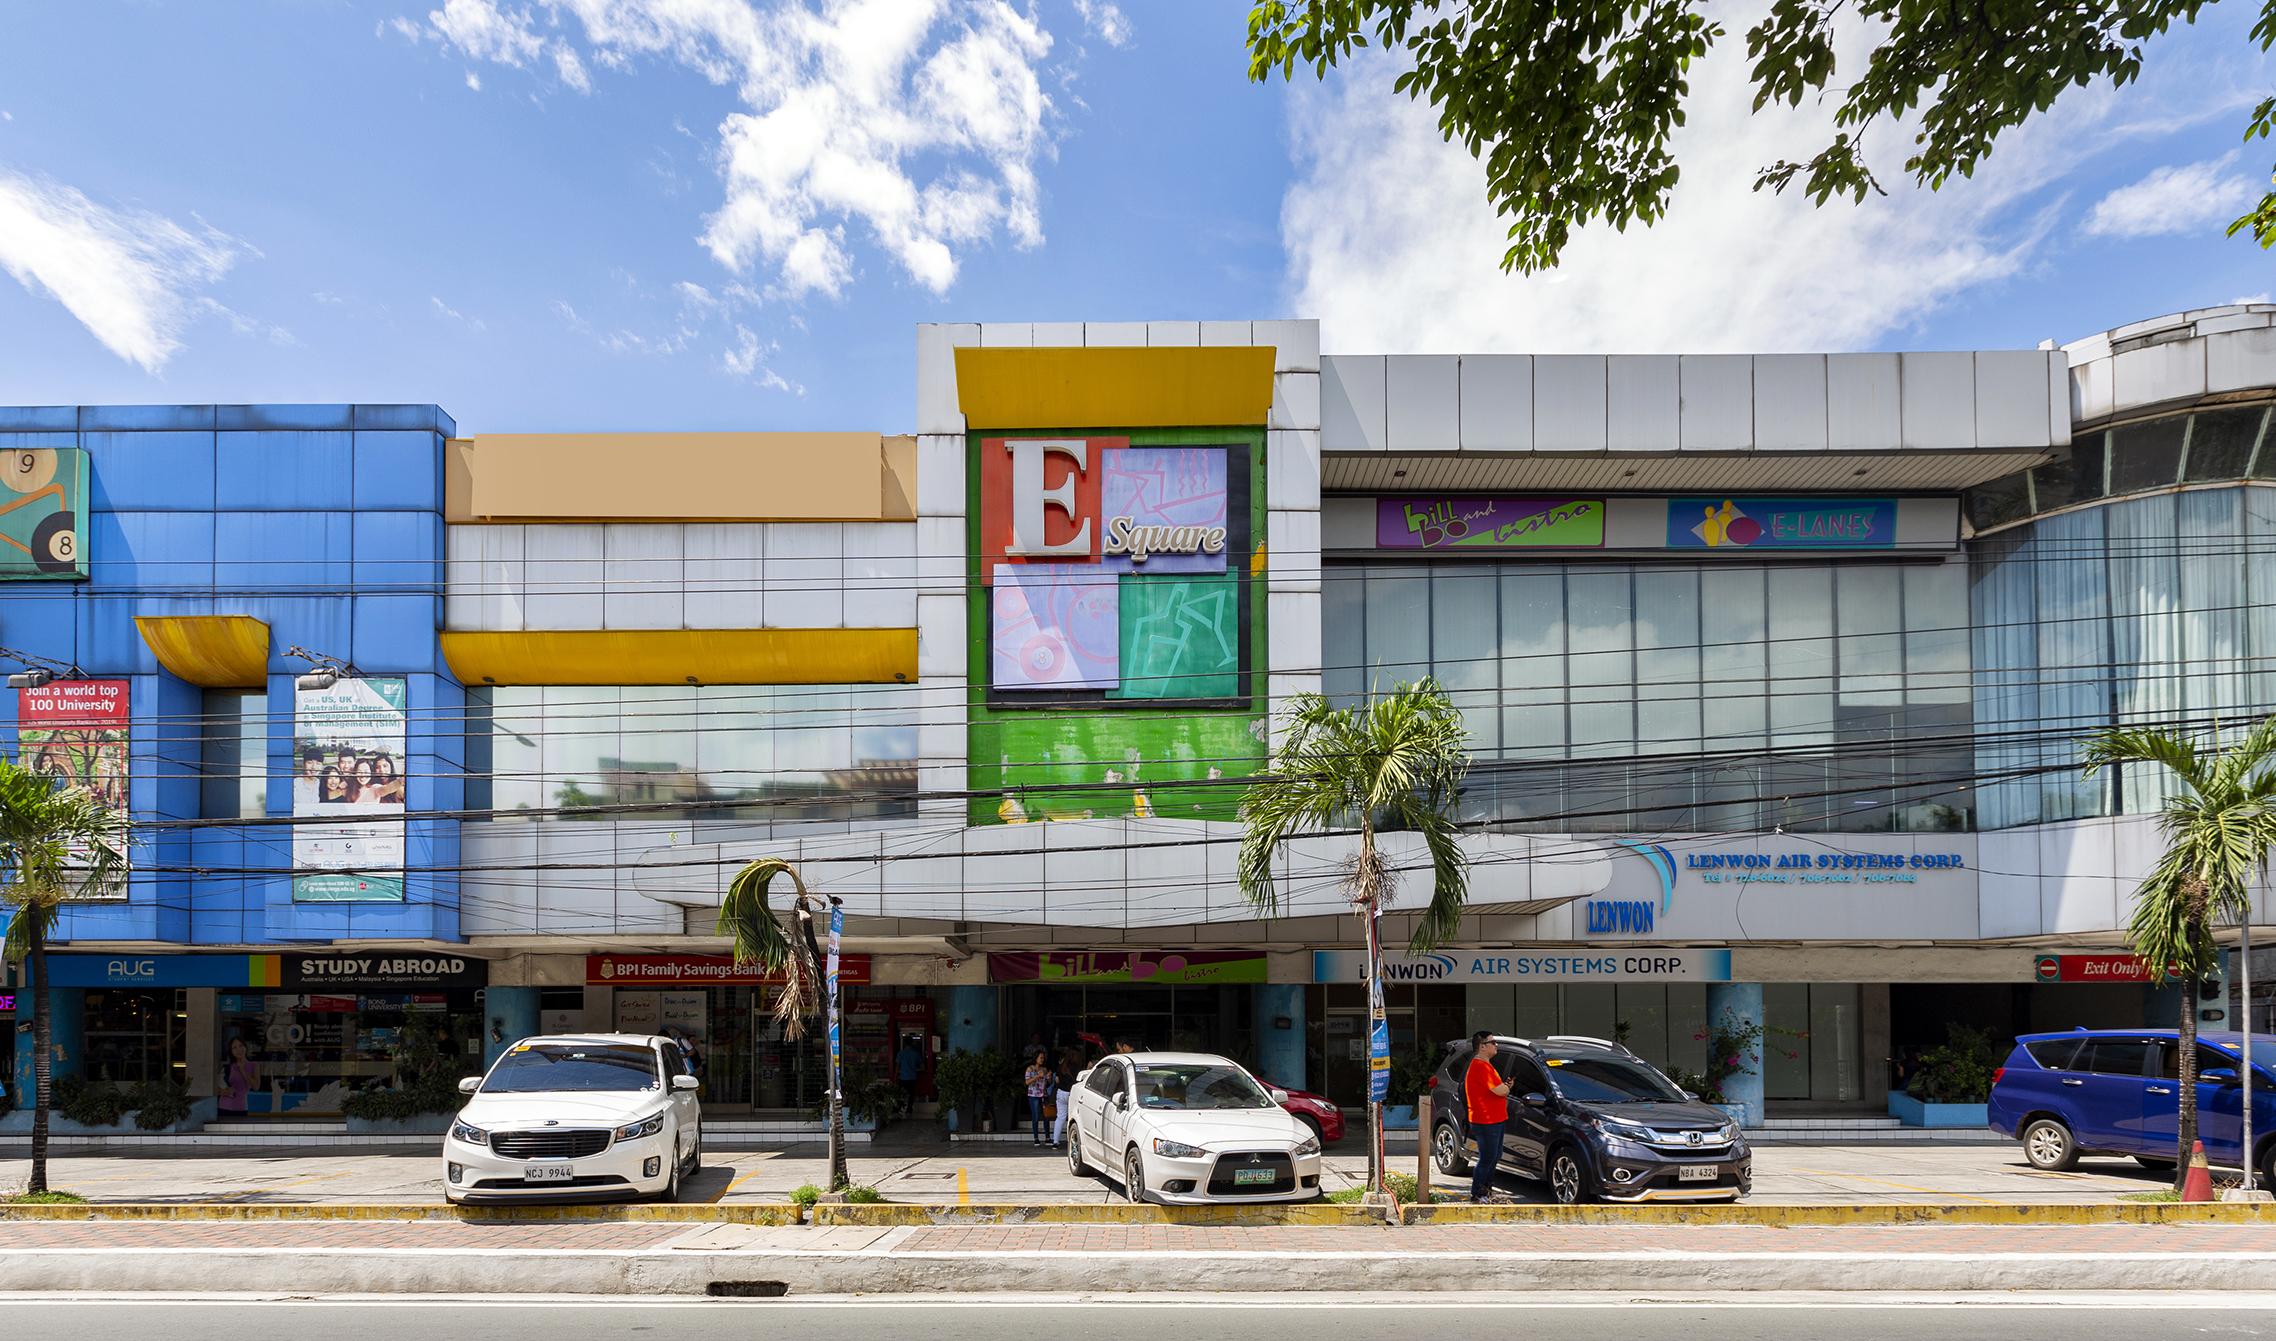 E-Square Mall